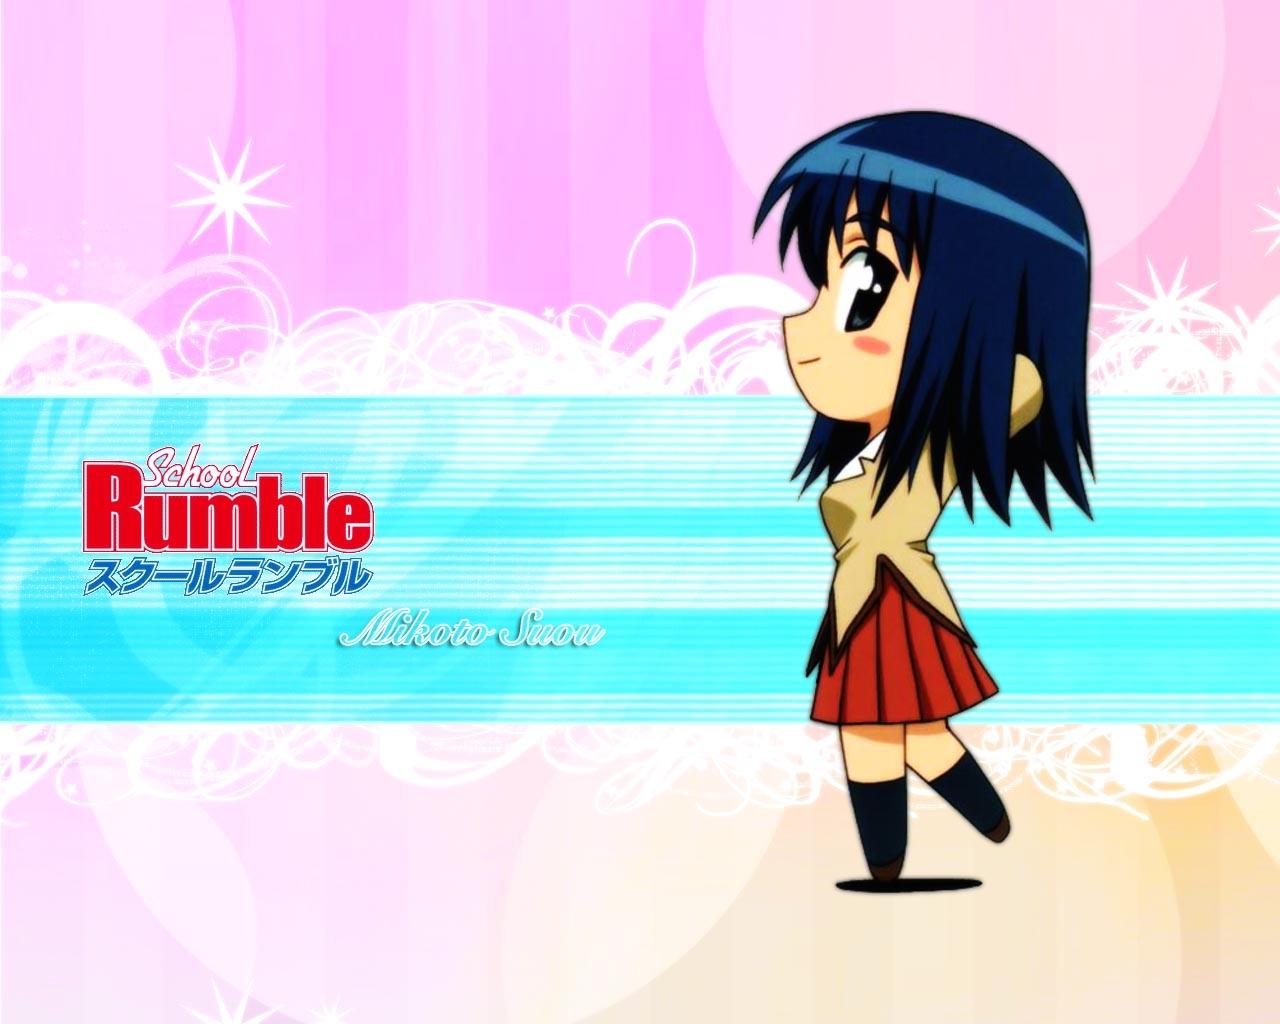 Wallpaper Illustration Anime Brunette Cartoon Skirt Side View